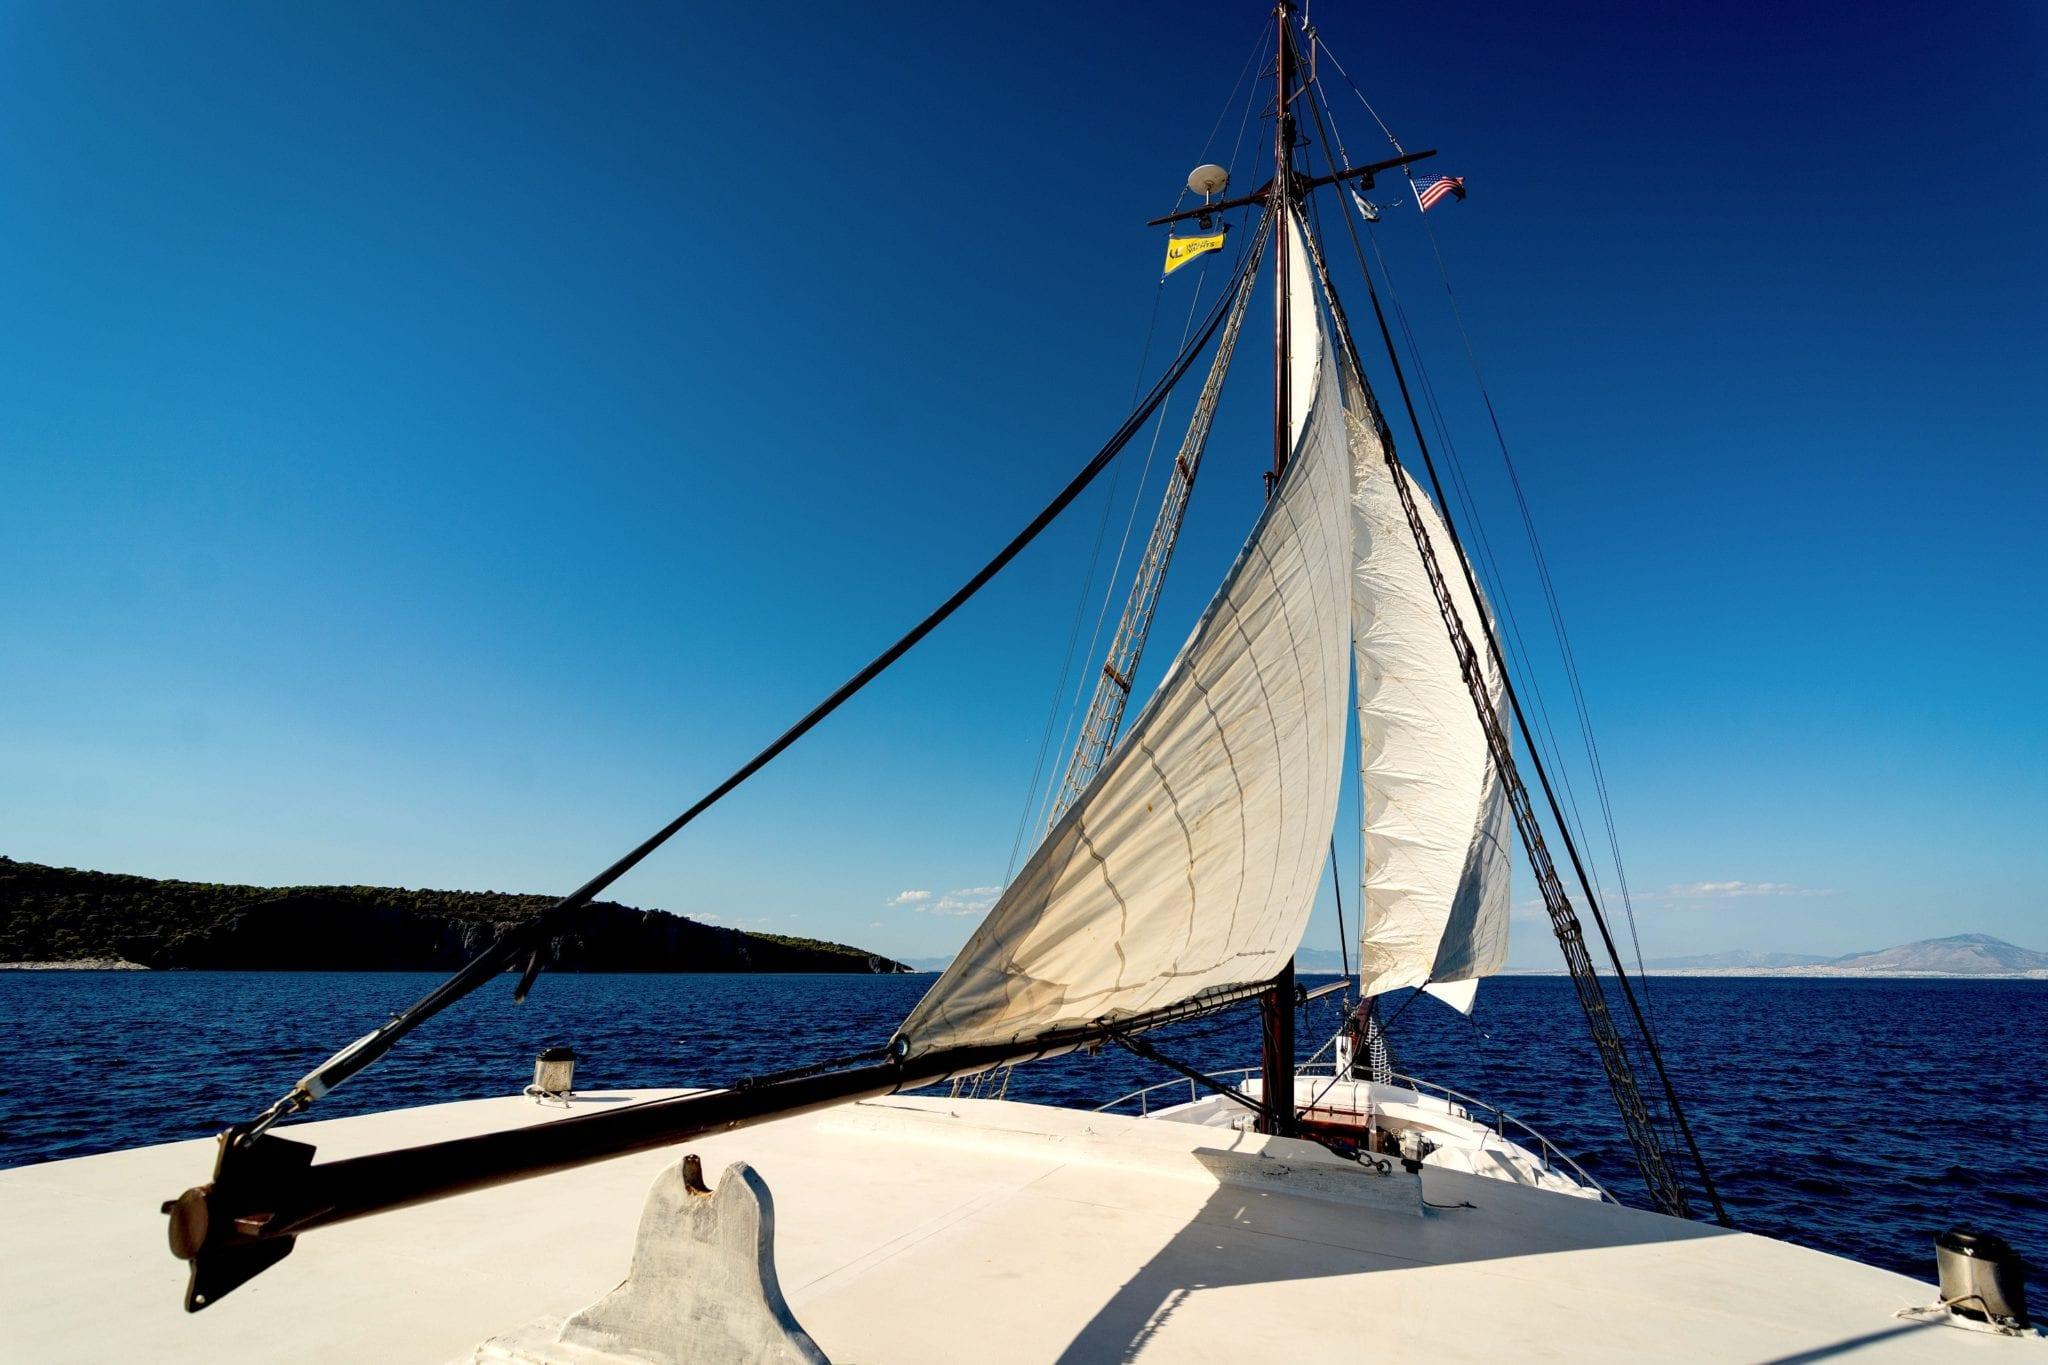 joanna k greek motor sailer sail min -  Valef Yachts Chartering - 4402